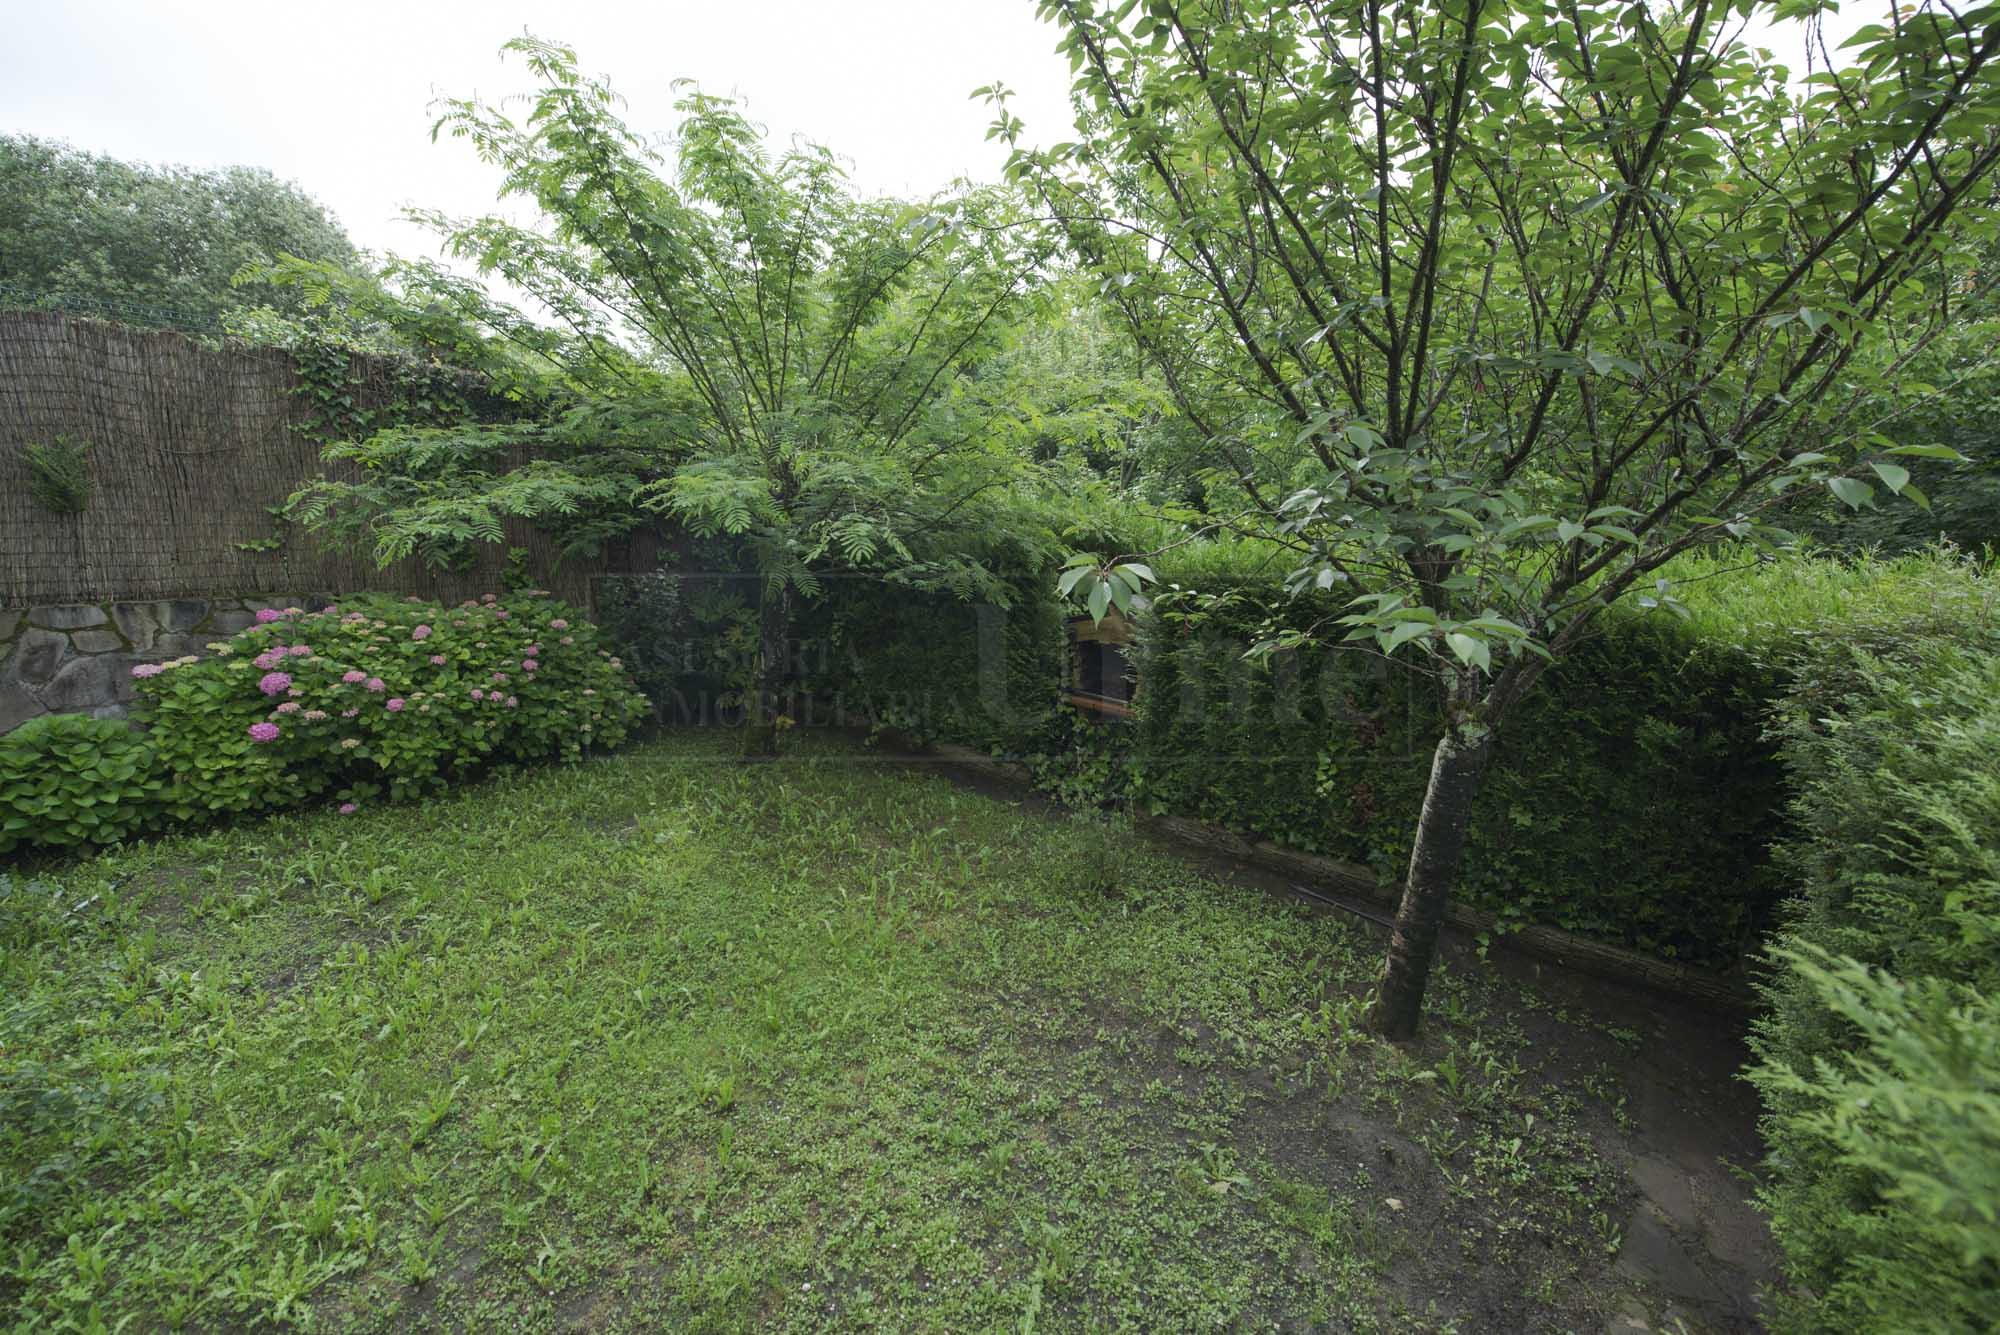 Fantastica villa bi familiar con jardin y garaje doble en zona tranquila.